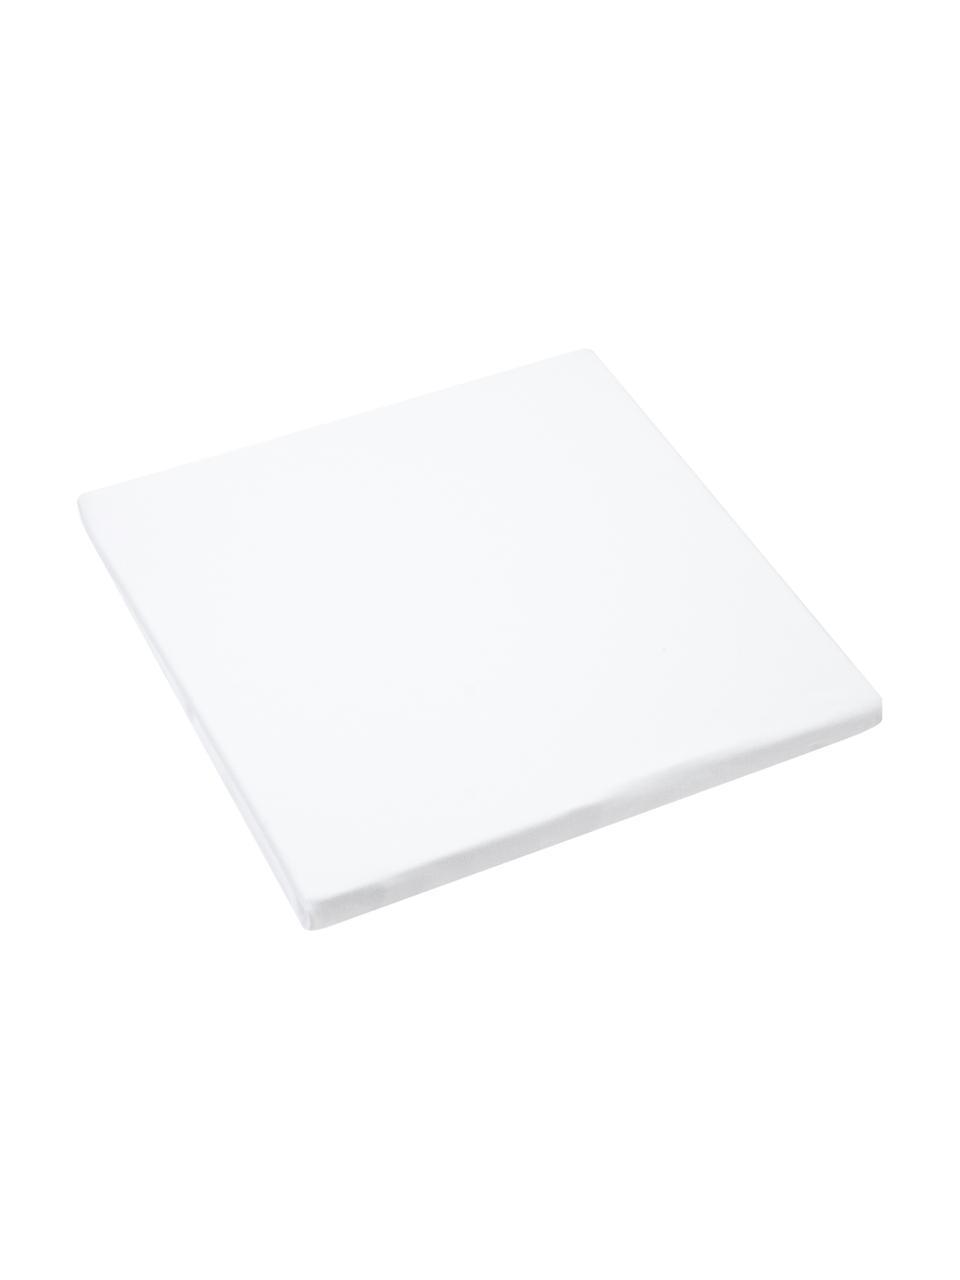 Prześcieradło z gumką z jerseyu Lara, 95% bawełna, 5% elastan, Biały, S 140 x D 200 cm